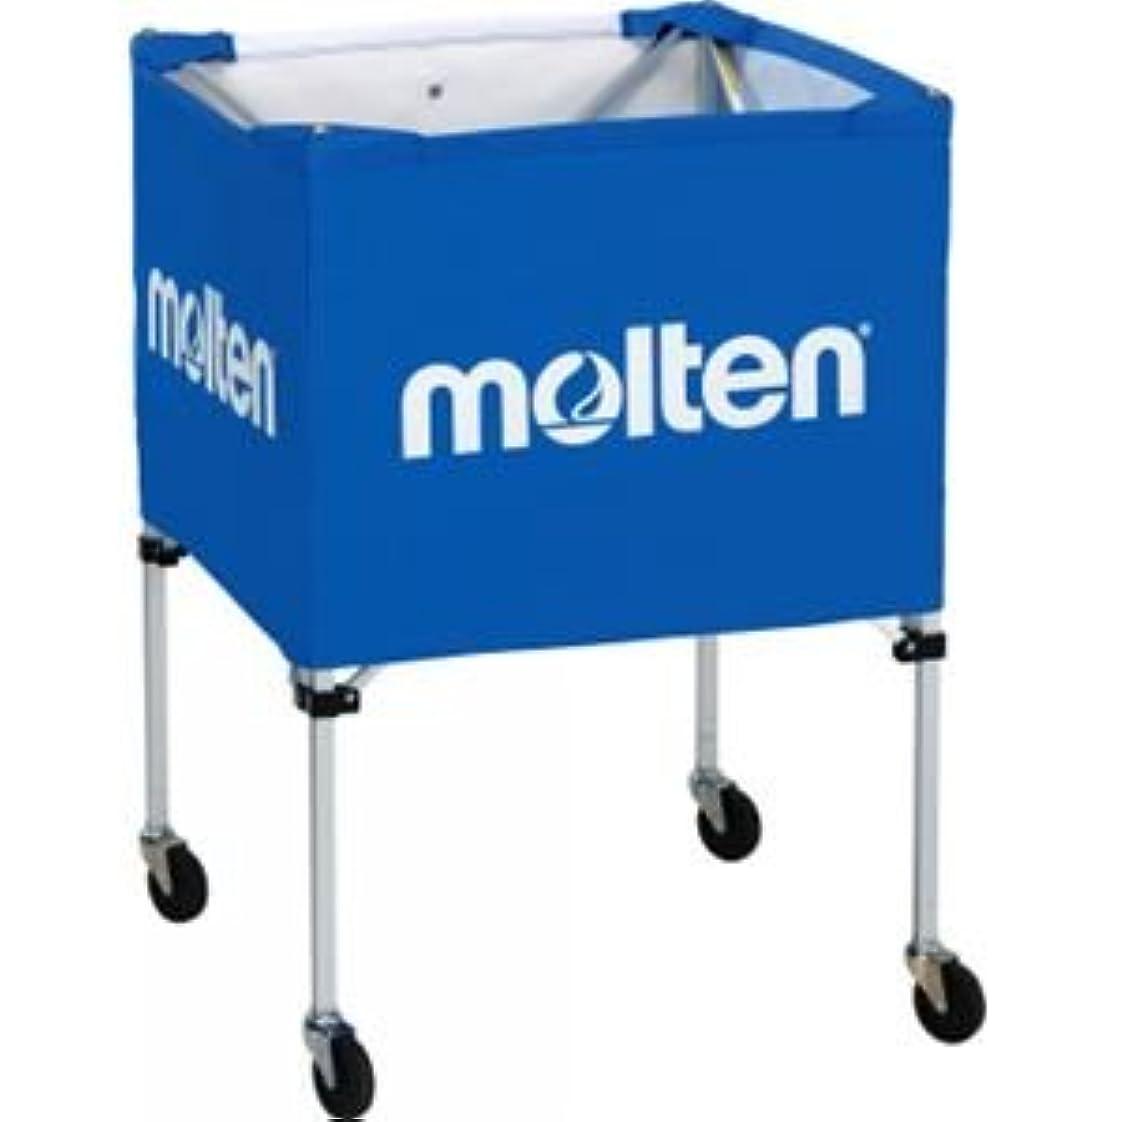 お気に入り計り知れない安いですmolten(モルテン) 折りたたみ式ボールカゴ(屋外用) BK20HOTB